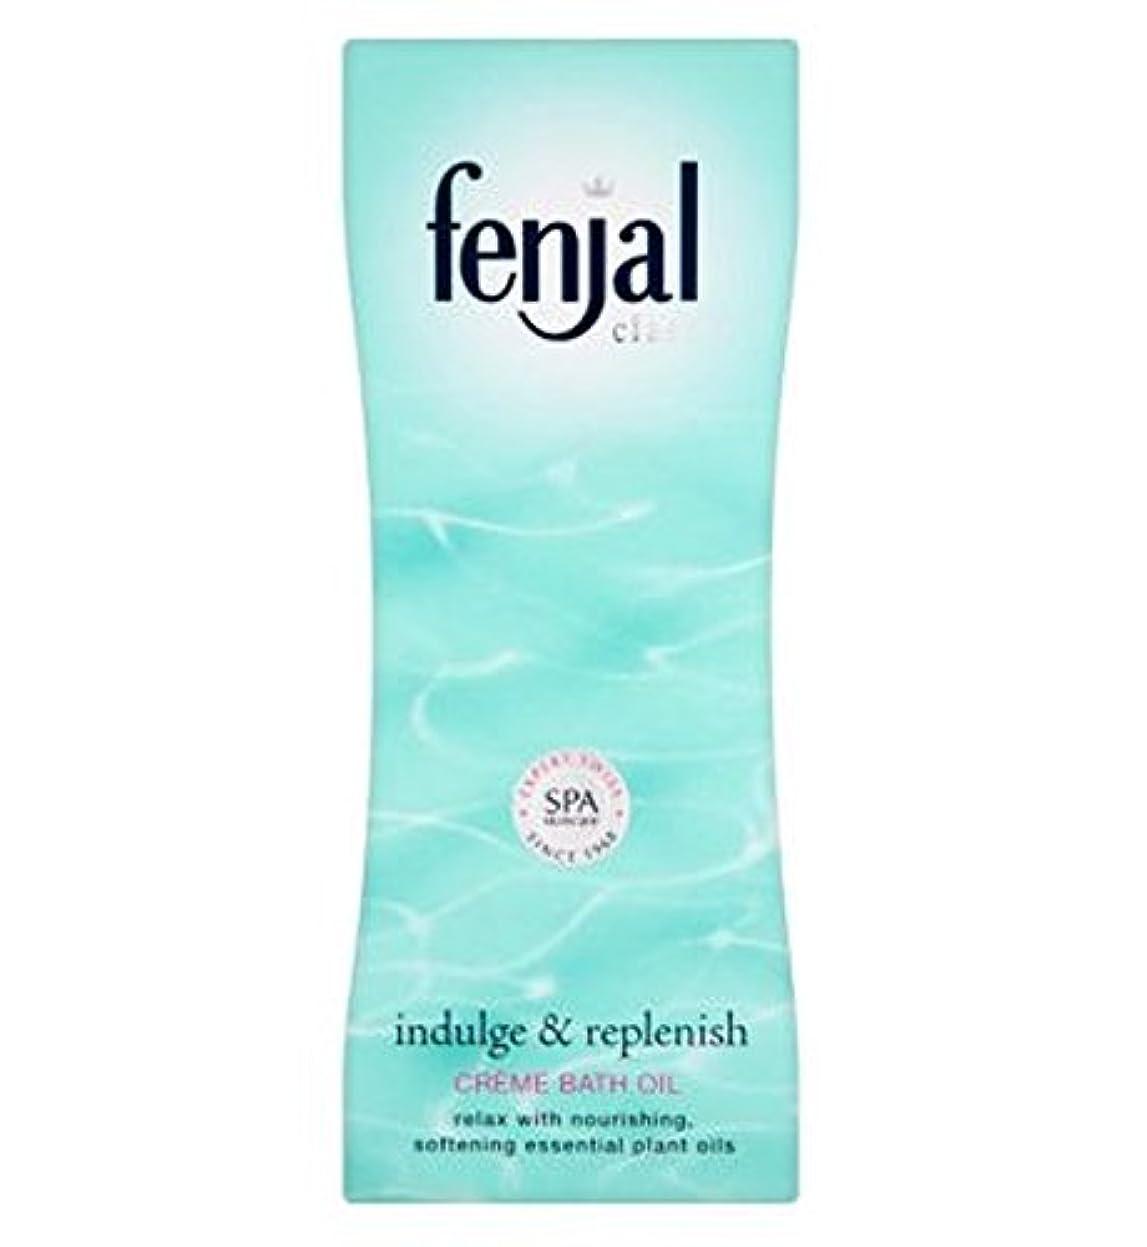 アプローチ大脳の量Fenjal古典的な高級クリームバスオイル (Fenjal) (x2) - Fenjal Classic Luxury Creme Bath Oil (Pack of 2) [並行輸入品]